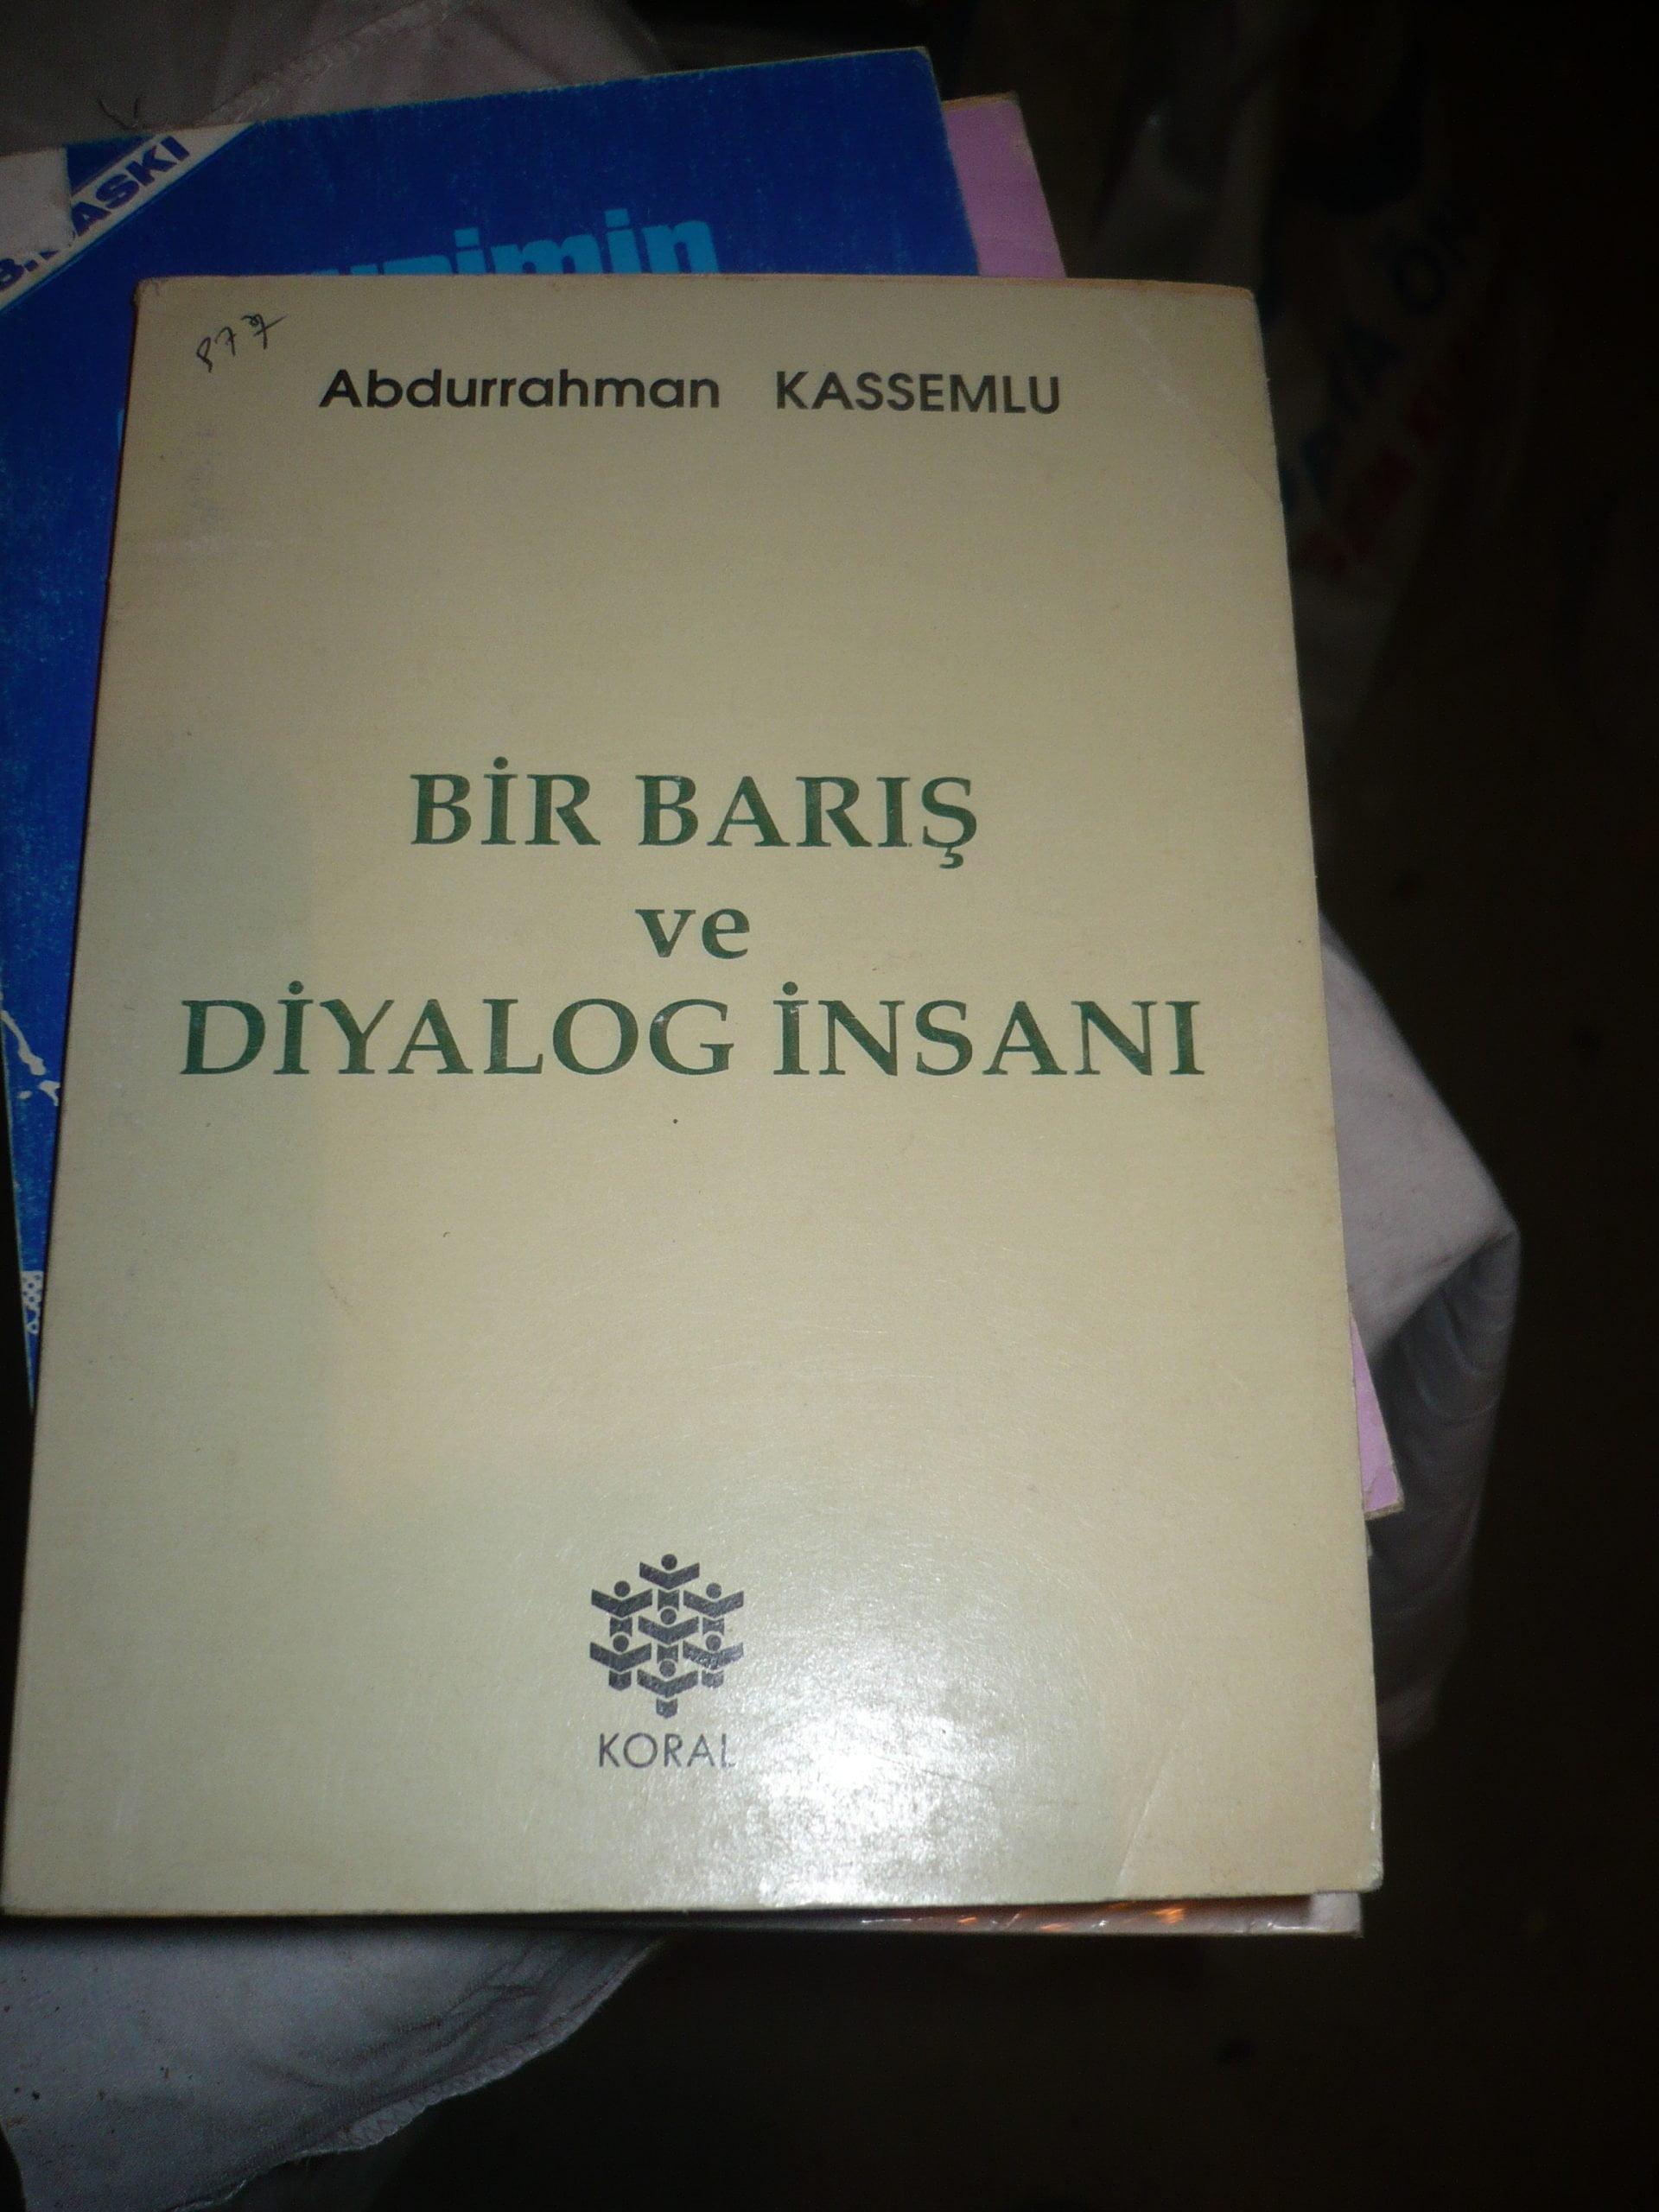 ABDURRAHMAN KASEMLU BİR BARIŞ ve DİYALOG İNSANI-Abdurrahman KASEMLU/15 TL